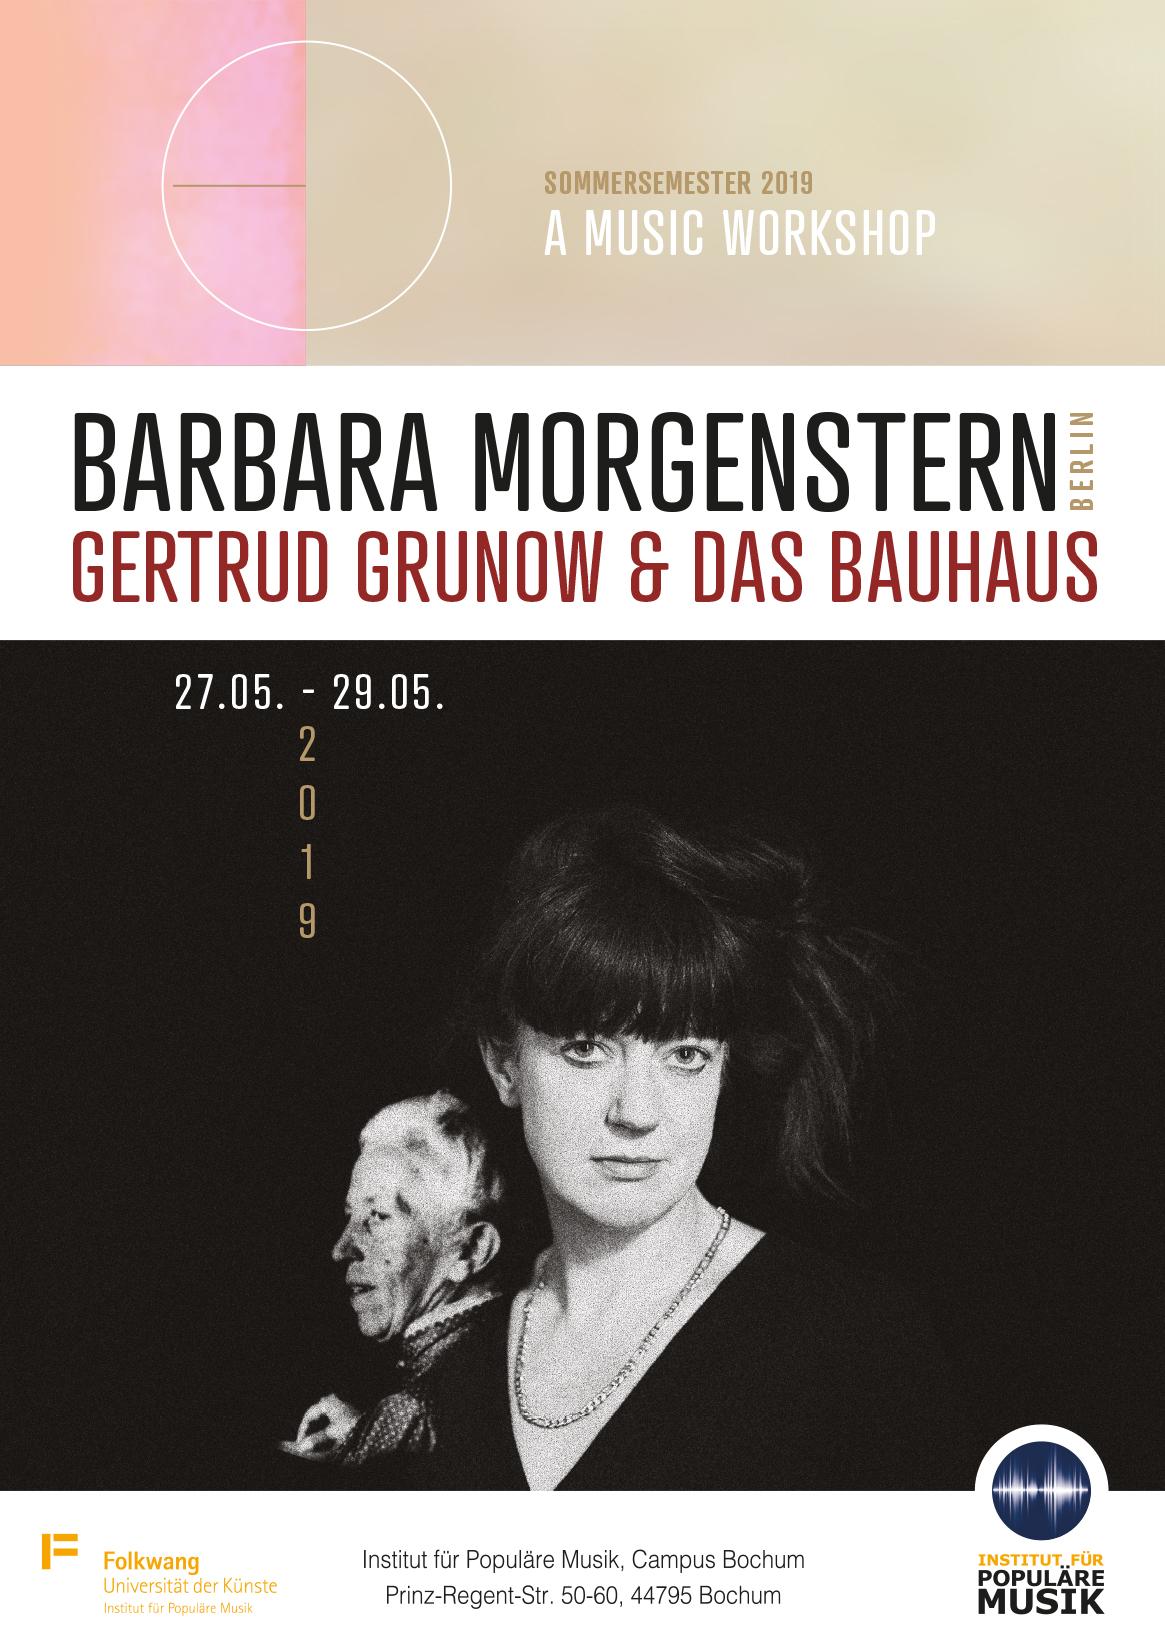 Barbara Morgenstern - Gertrud Grunow & das Bauhaus